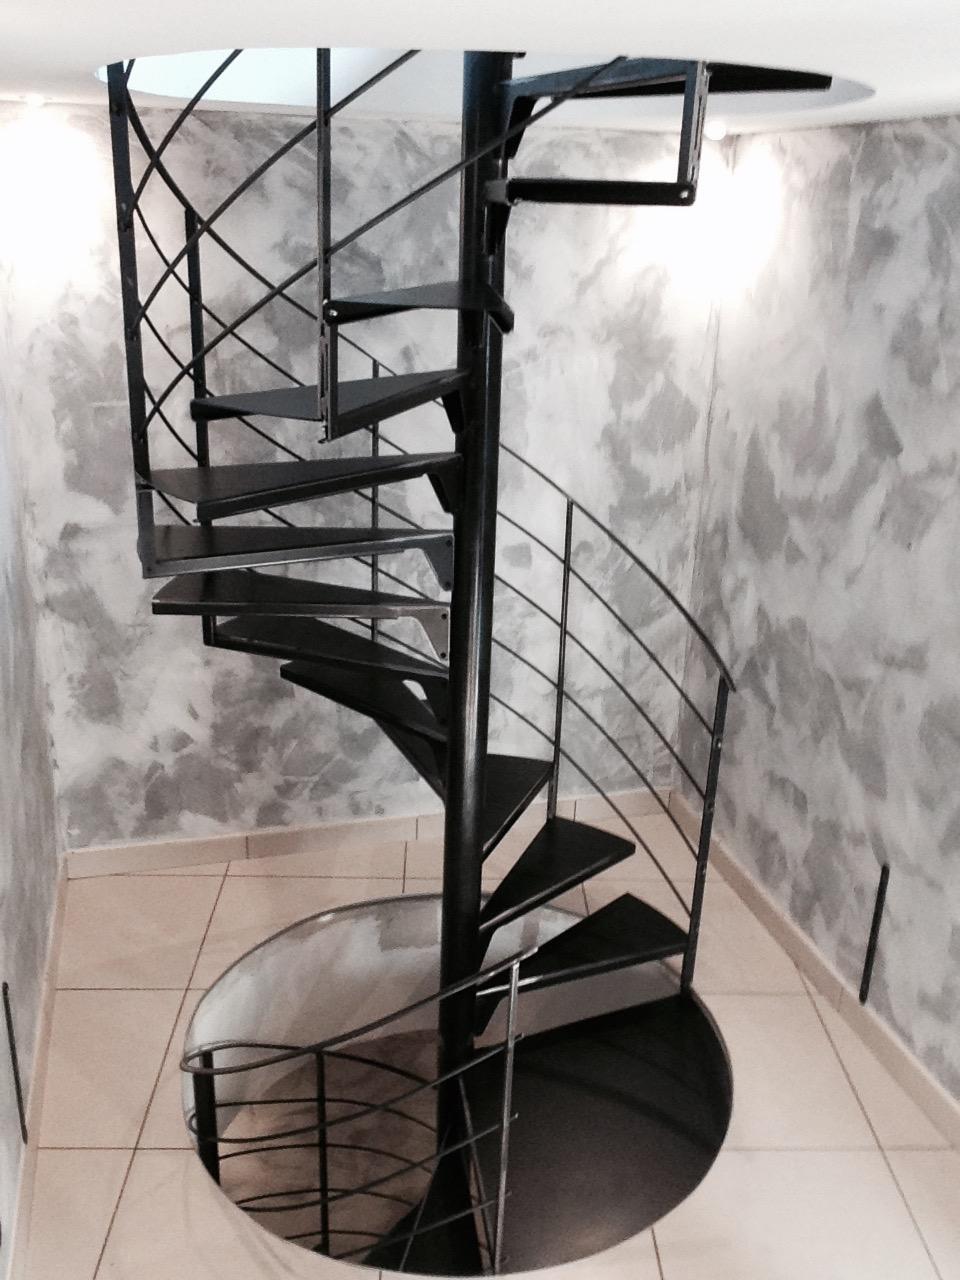 Escalier h lico dal m tal design calade design - Escalier metallique design ...